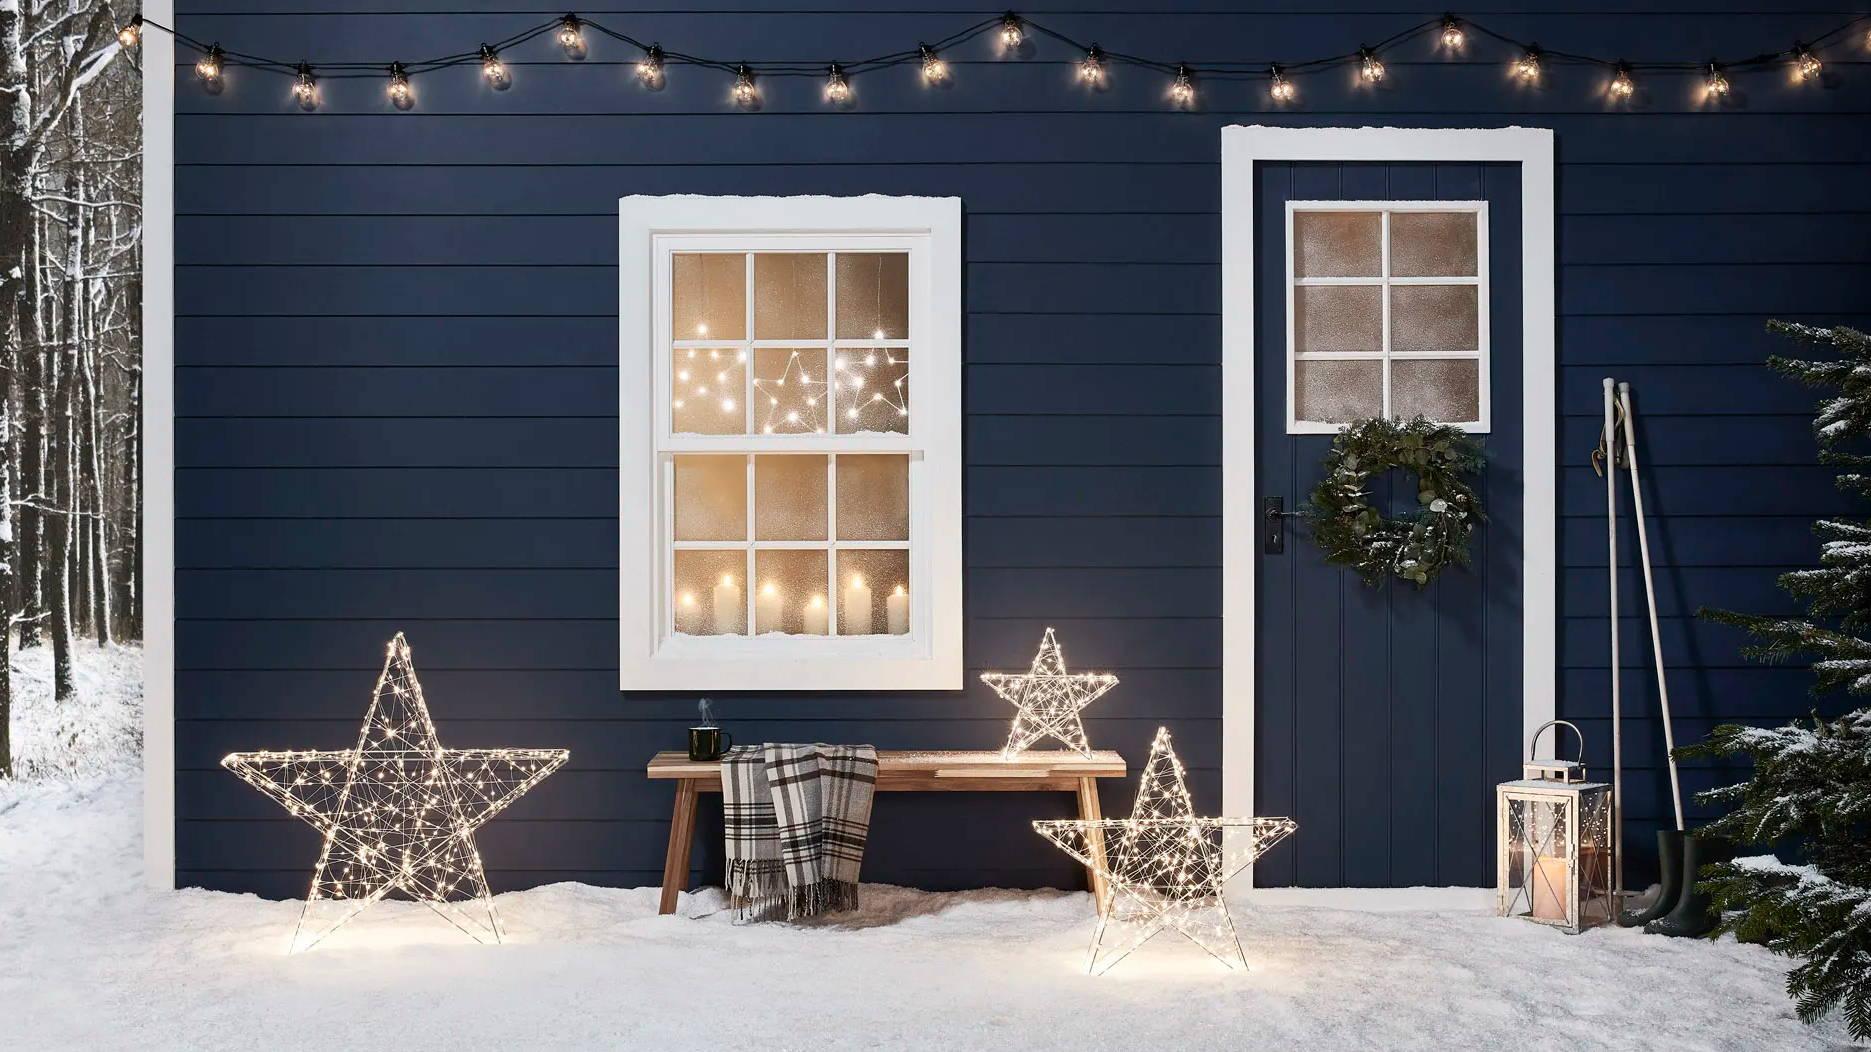 Häuserfassade blau mit Schnee und LED-Stern-Deko .